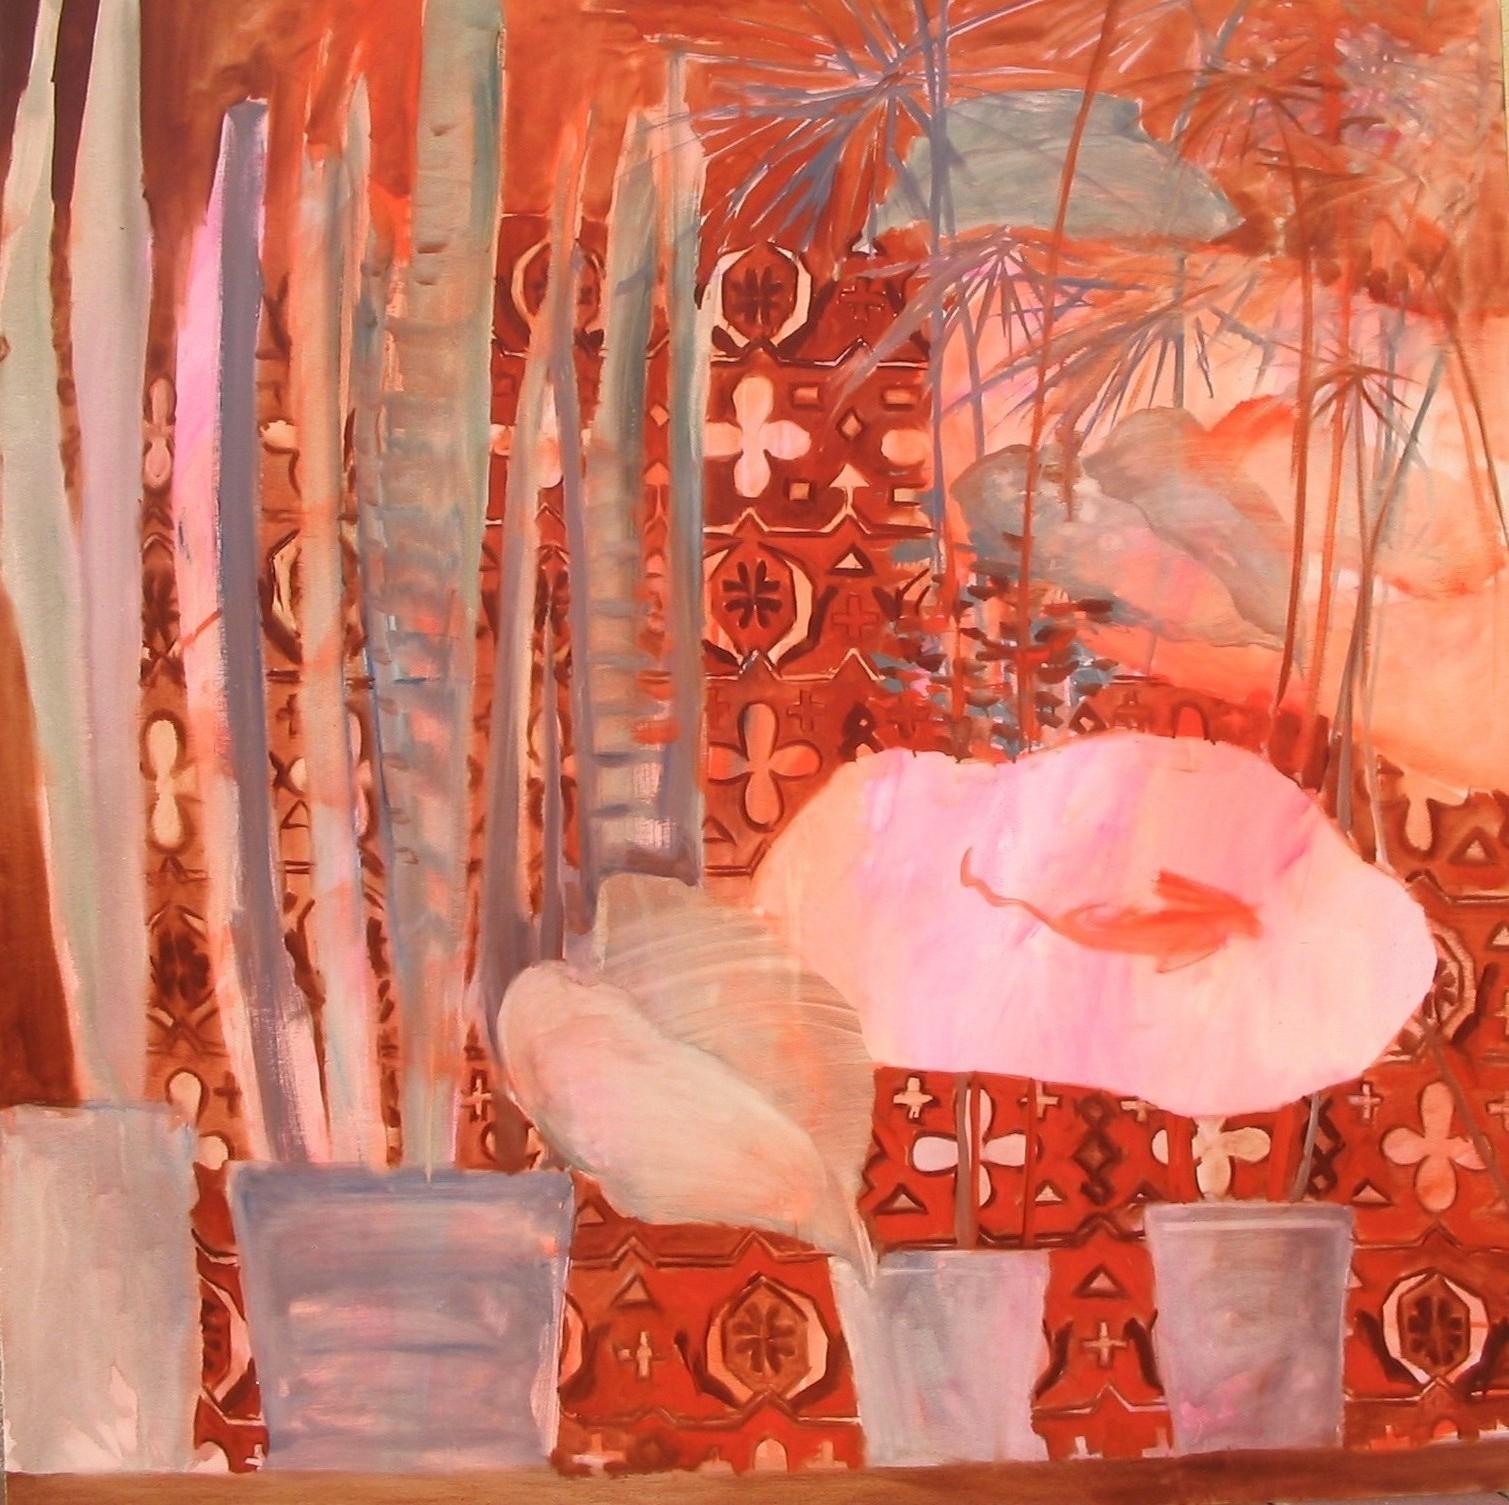 Kővári Attila - Anyósnyelv bécsifánkkal, olaj, vászon, 150×150 cm, 2005